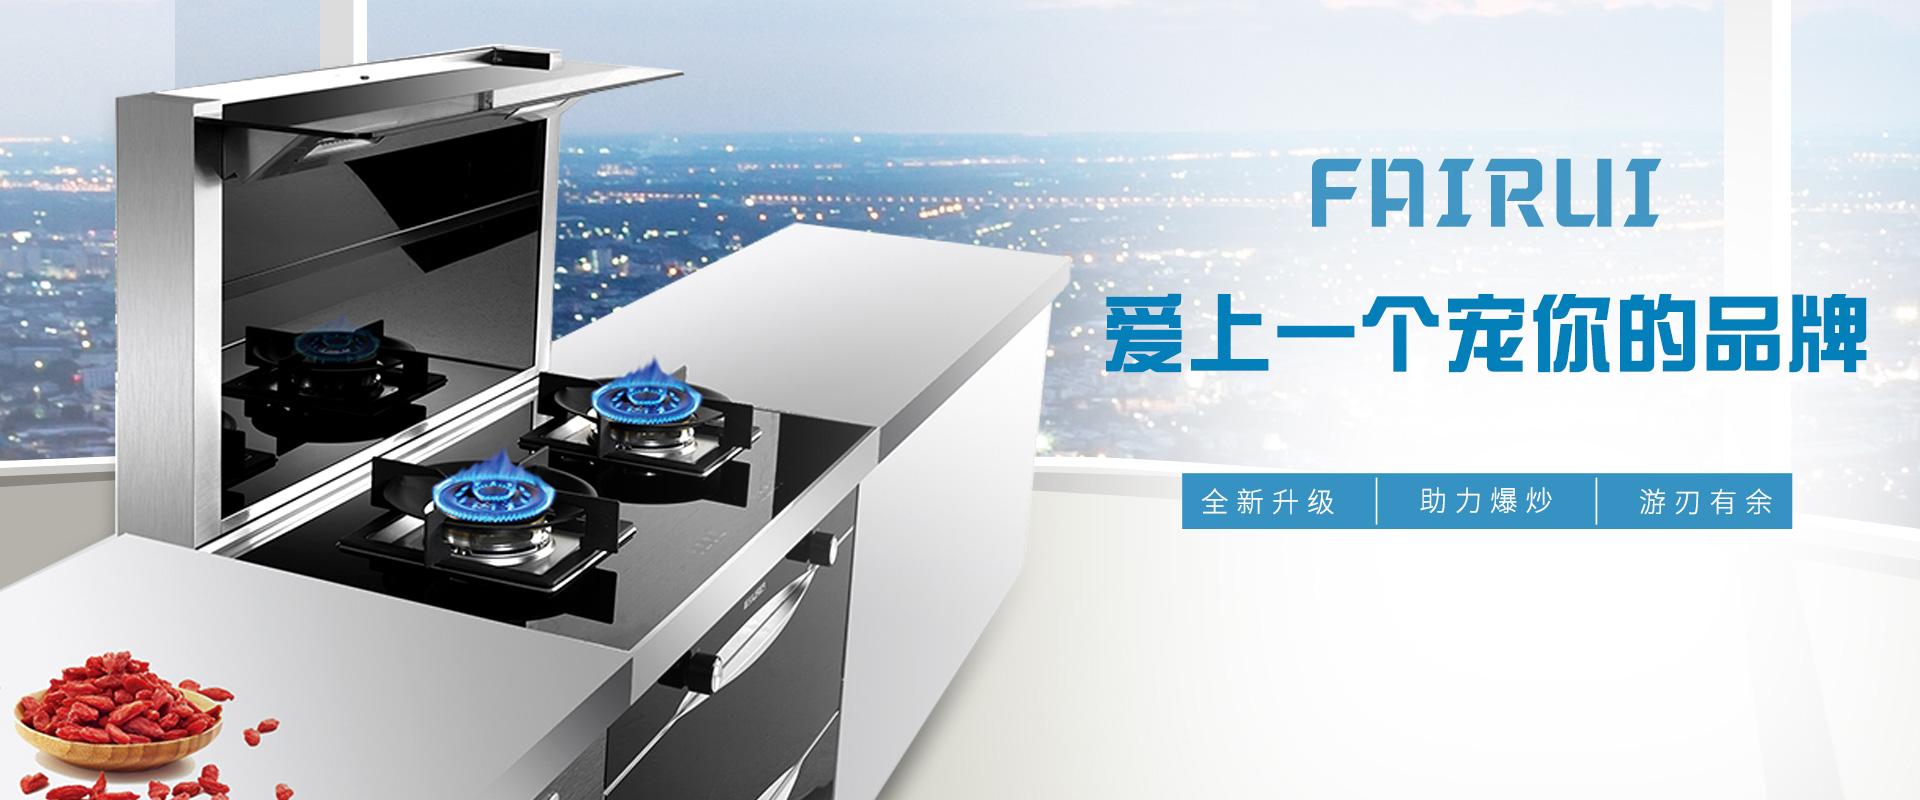 法瑞水槽洗碗机一体机怎么样?和厨柜搭配好看吗?